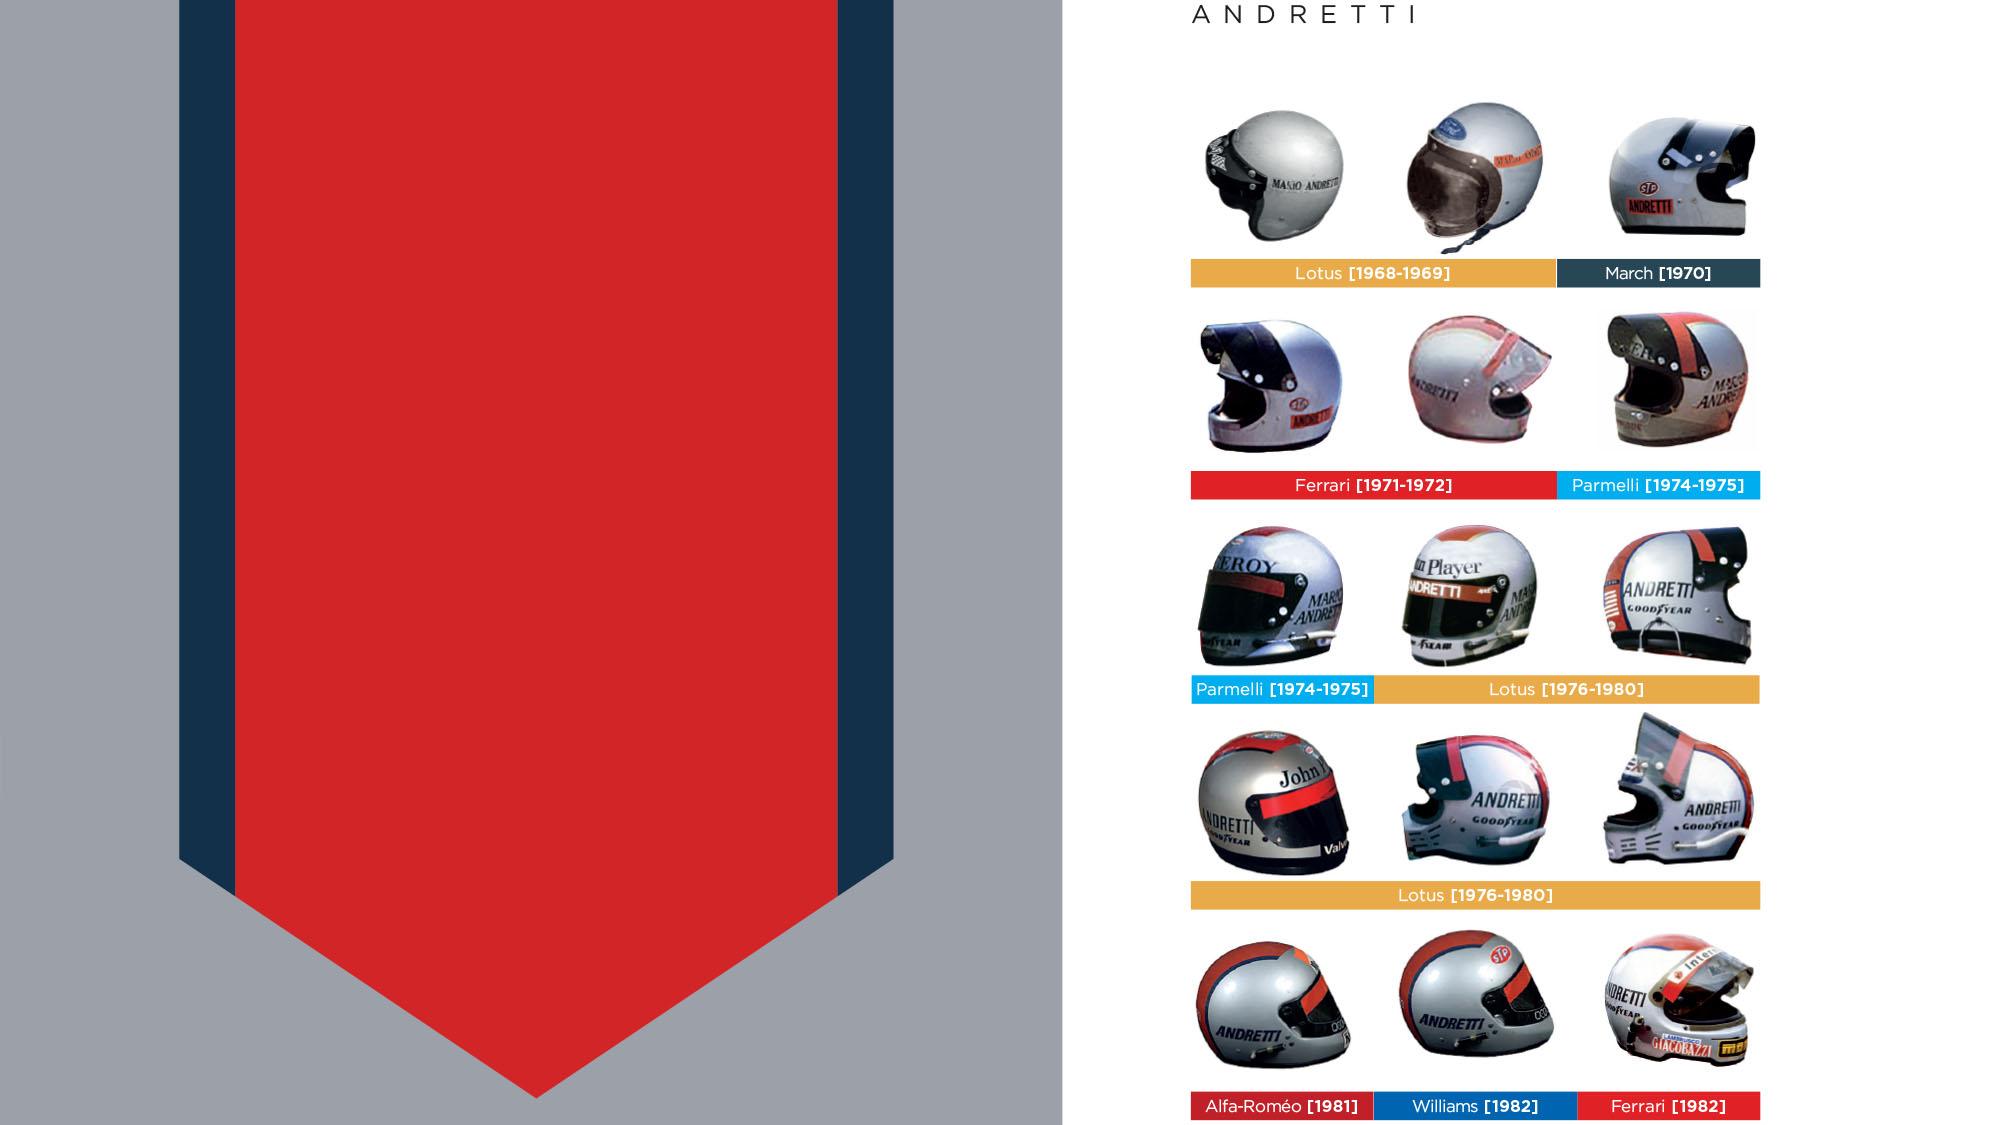 Mario Andretti helmet design